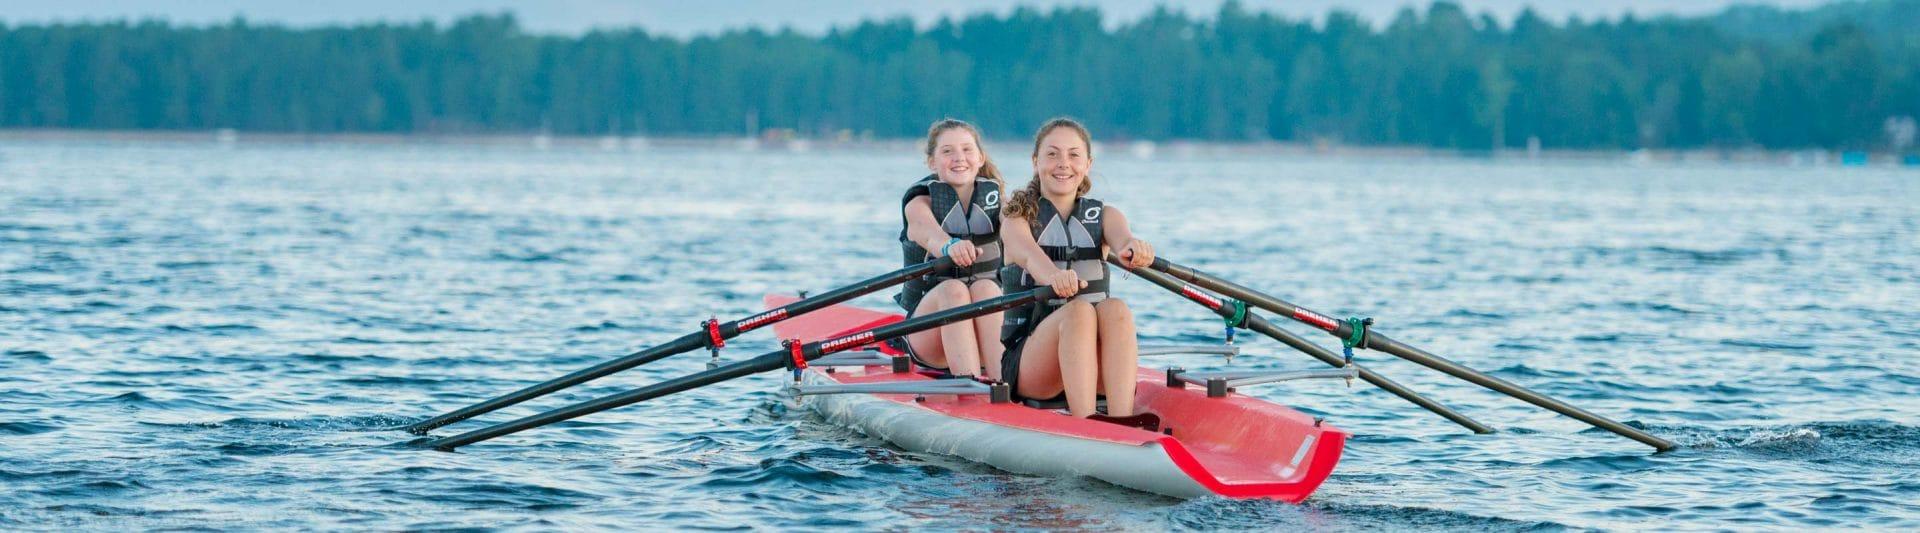 girls rowing in a canoe